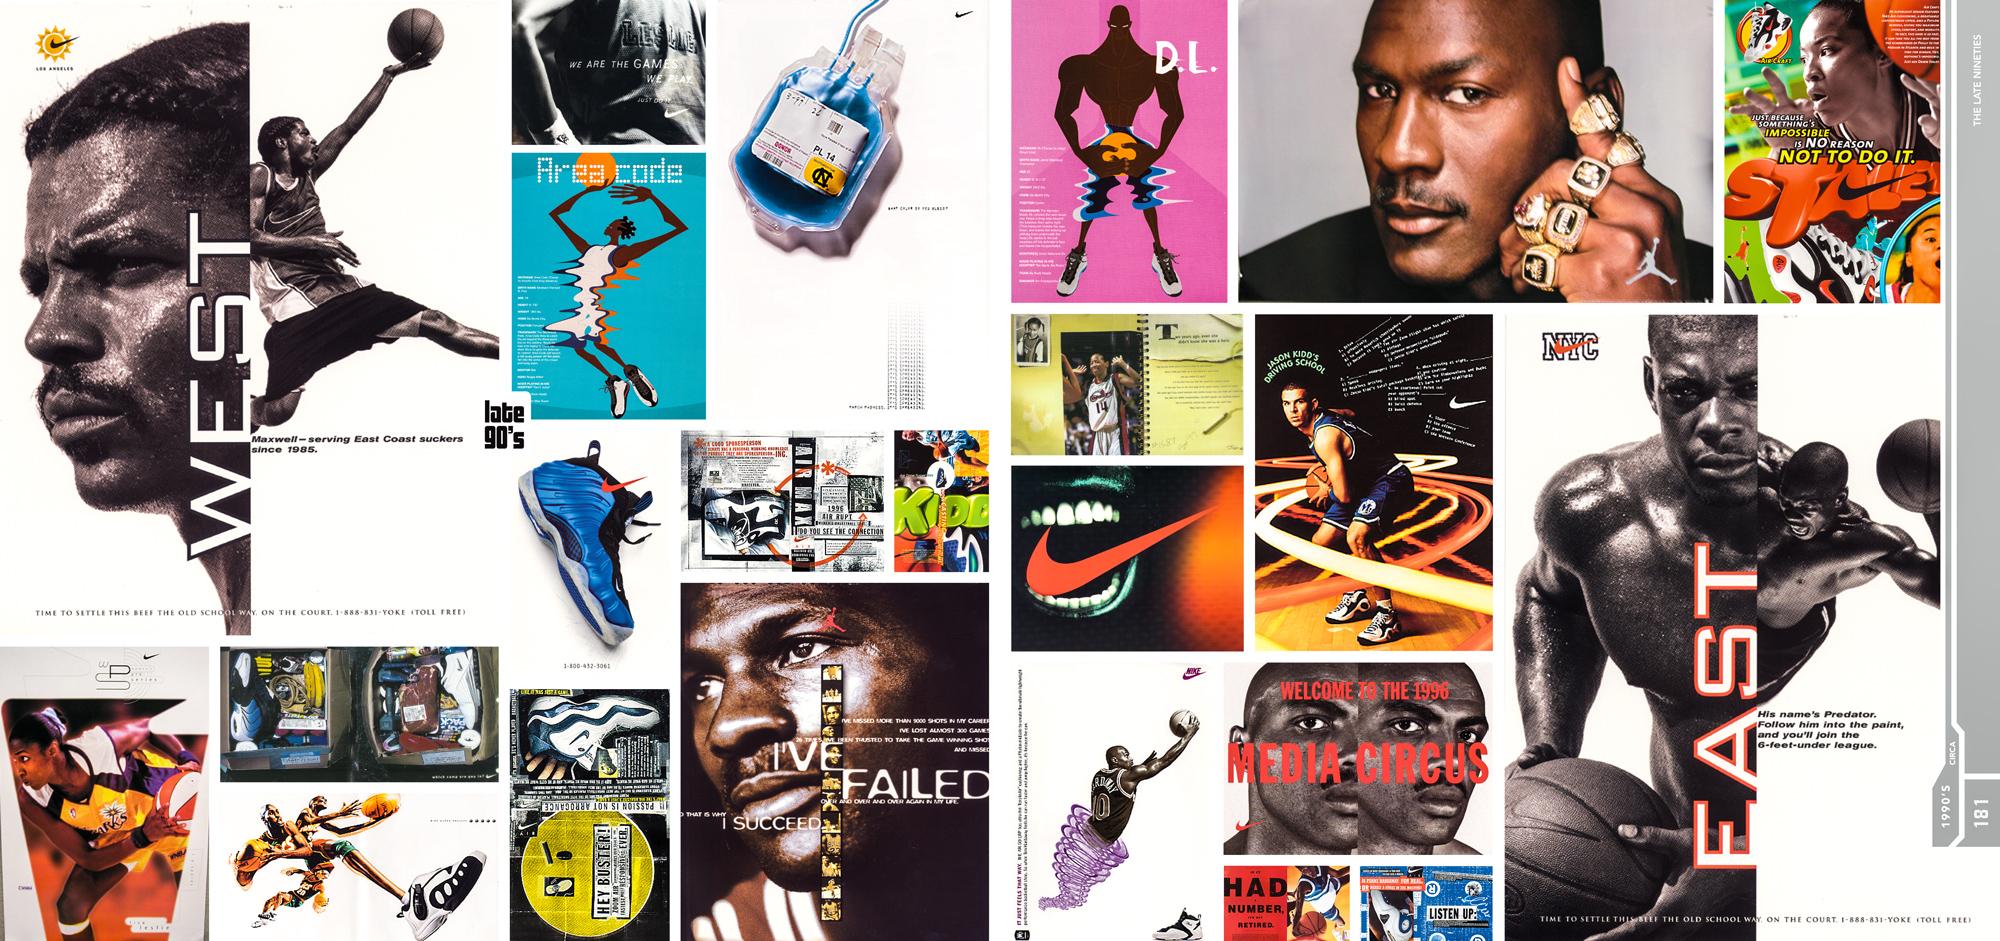 Nike sole provider book spread